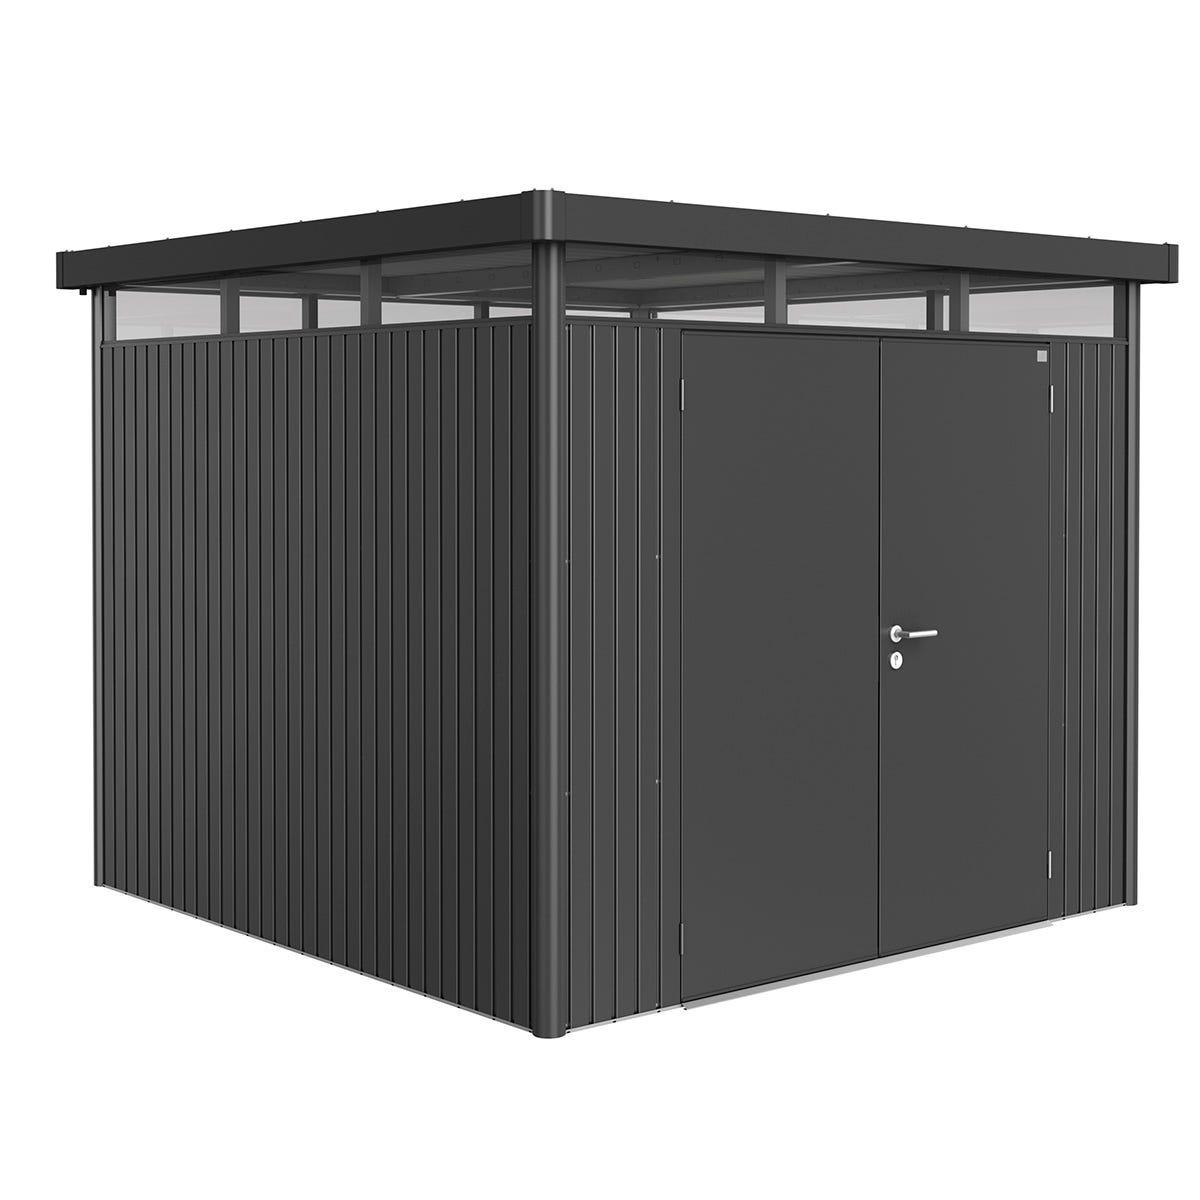 Biohort Highline Metal Shed H4 Double door 9 x 9 - Dark Grey